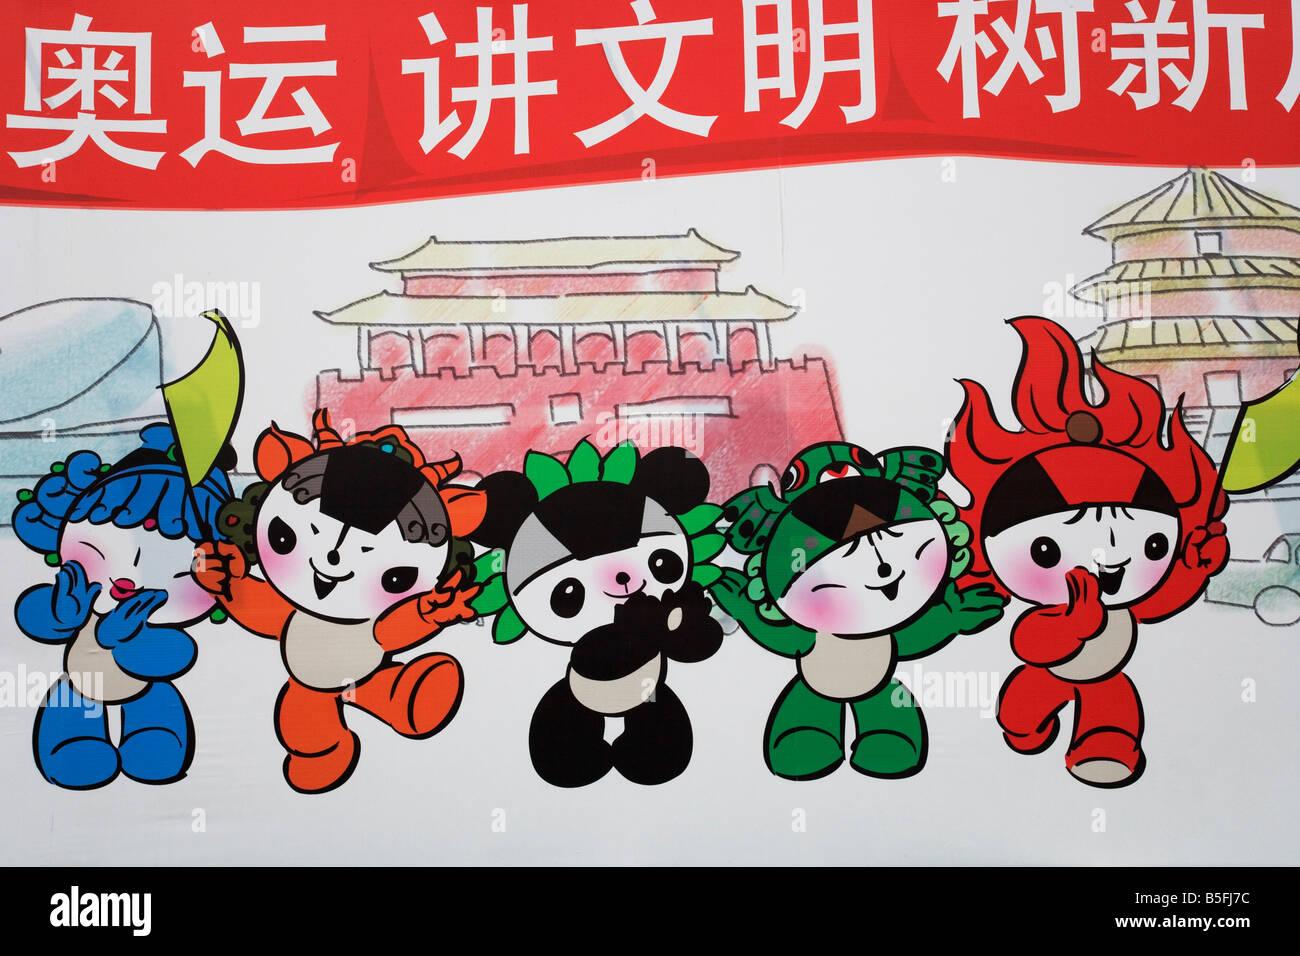 Beijing Olympics Mascot Stock Photos Beijing Olympics Mascot Stock